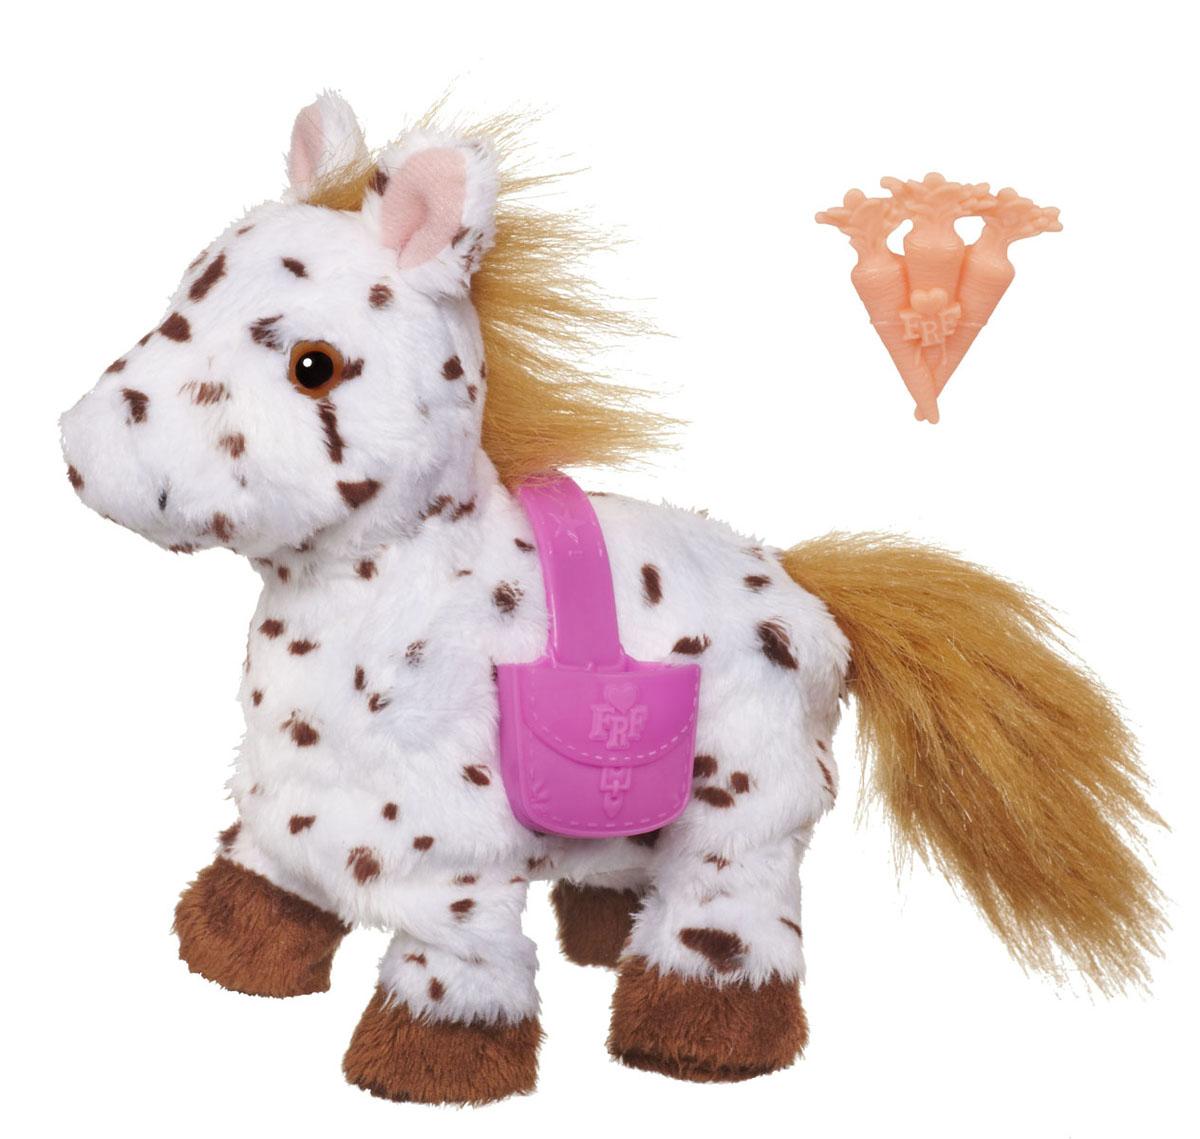 FurReal Friends Интерактивная игрушка Пони в ассортиментеA2011Анимированная игрушка FurReal Friends Ласковые зверята: Пони привлечет внимание не только ребенка, но и взрослого. Этот симпатичный пони с пушистыми гривой и хвостом очень любит, когда его гладят по спинке, при этом он начинает идти. Благодаря небольшому размеру игрушку можно брать с собой в гости или на прогулку. В комплект с пони входят два аксессуара, с которыми игра становится еще интереснее.